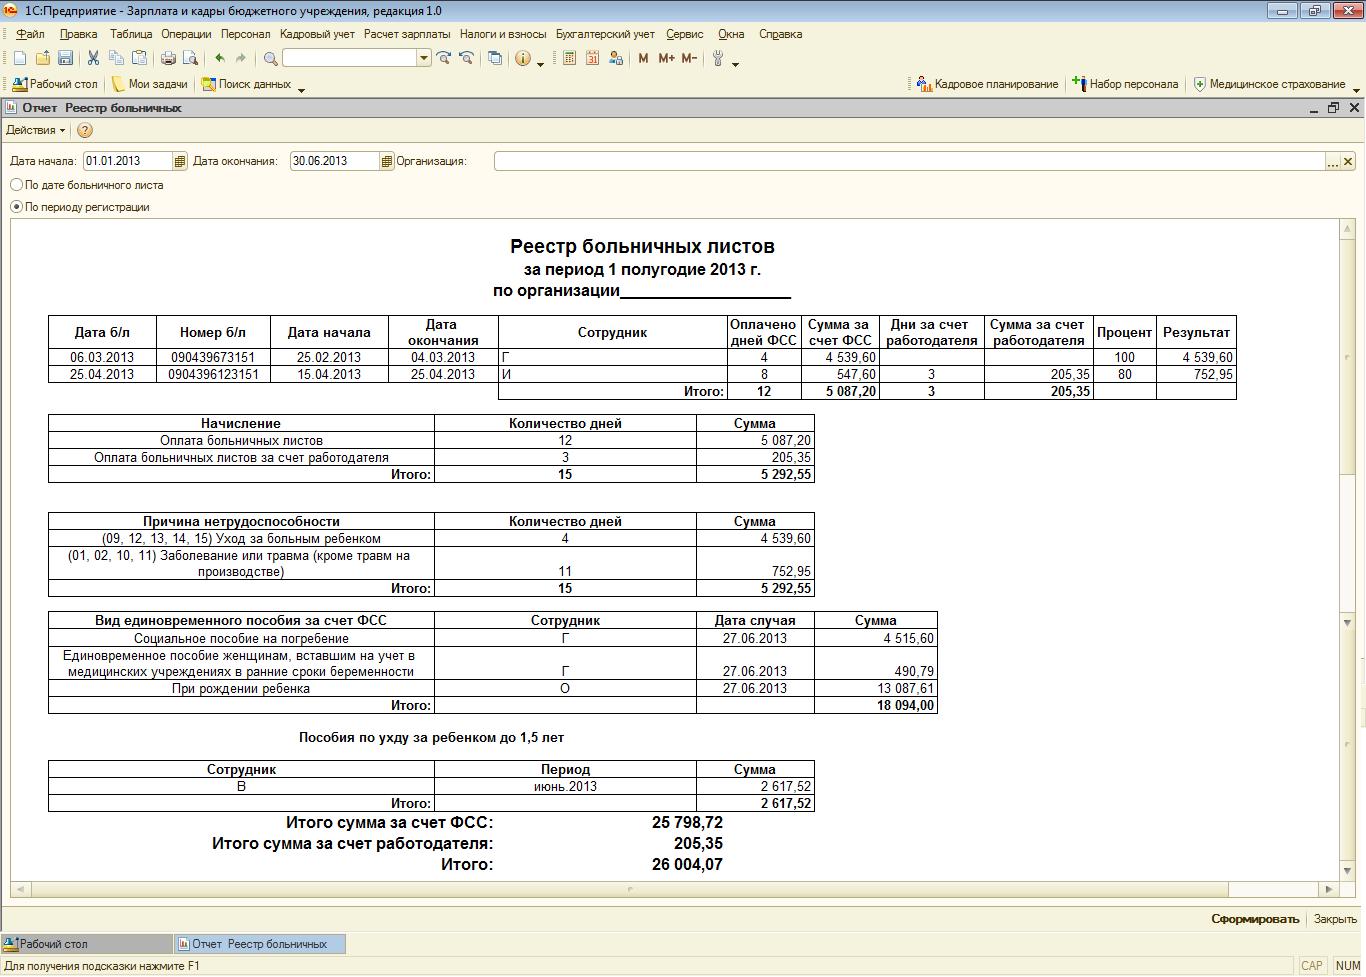 Больничный лист за счет работодателя ументьшает к оплате фсс Справка 095 Багратионовская